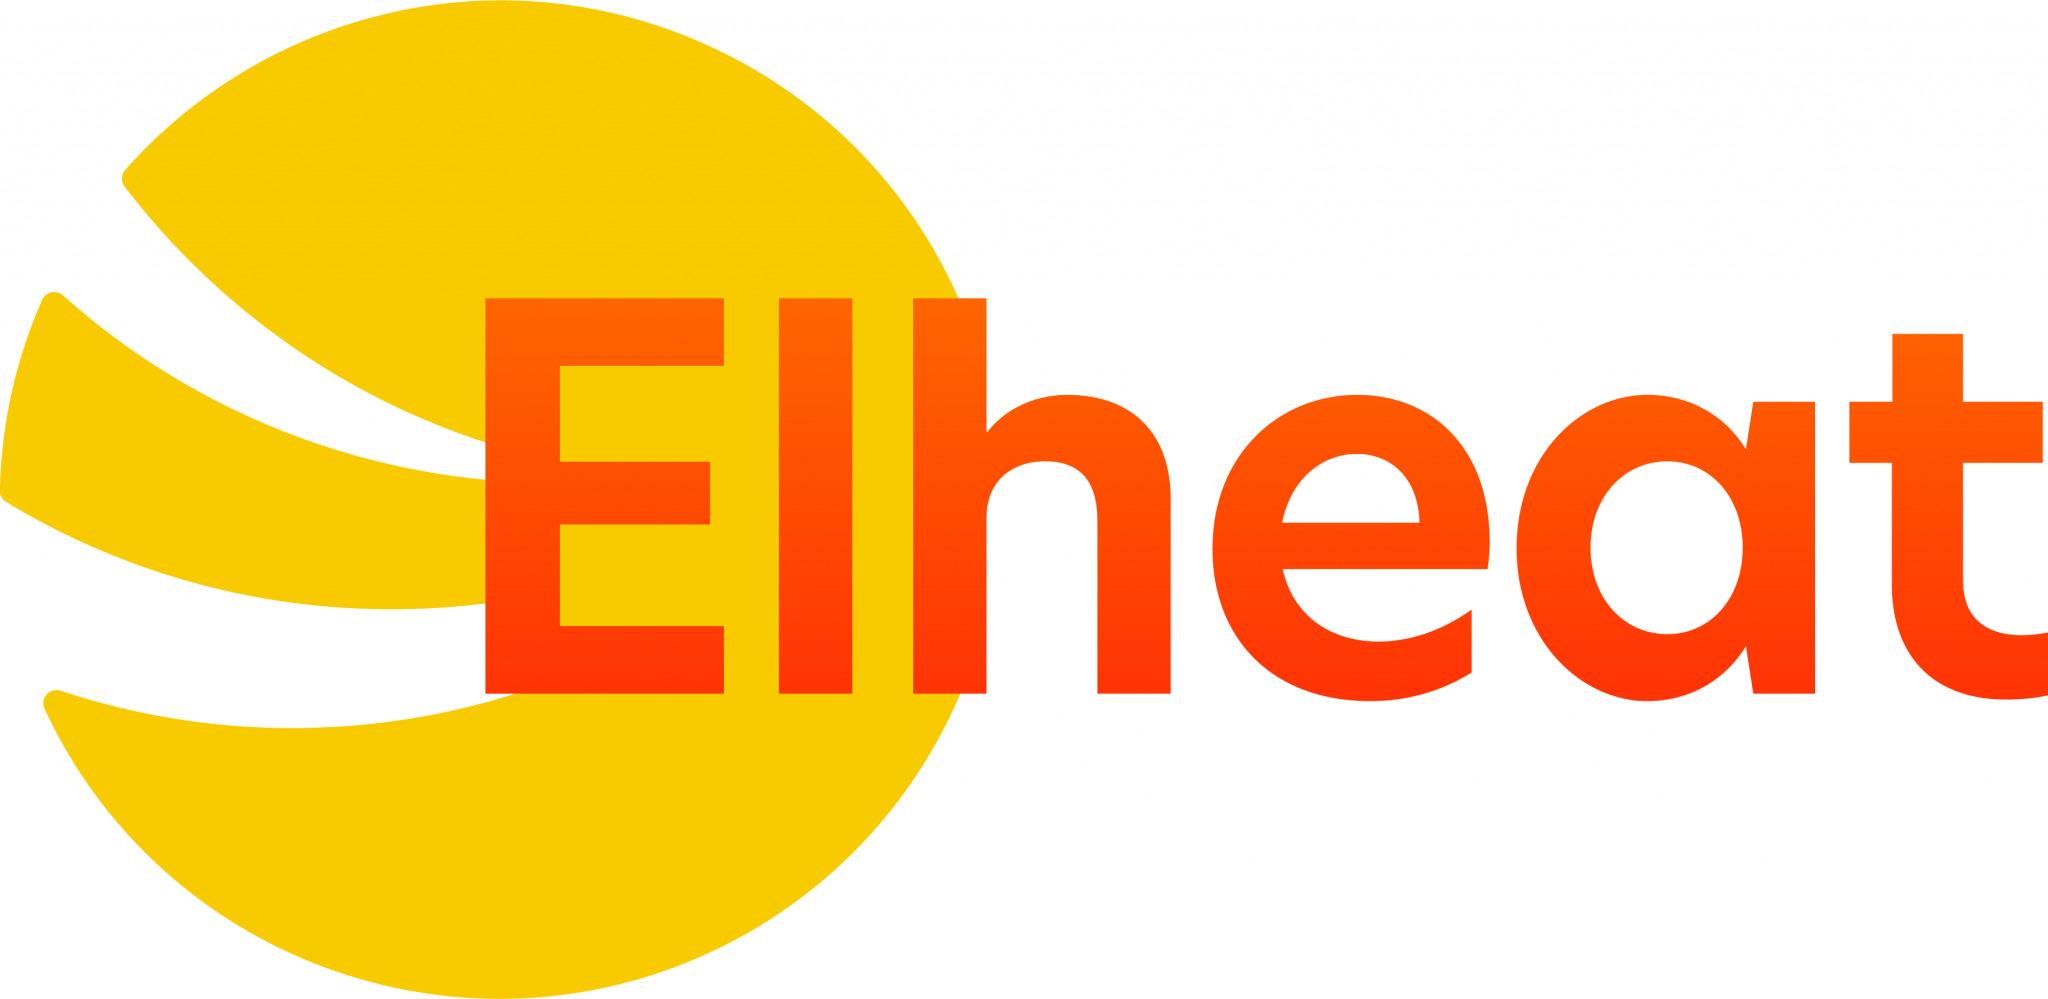 Elheat